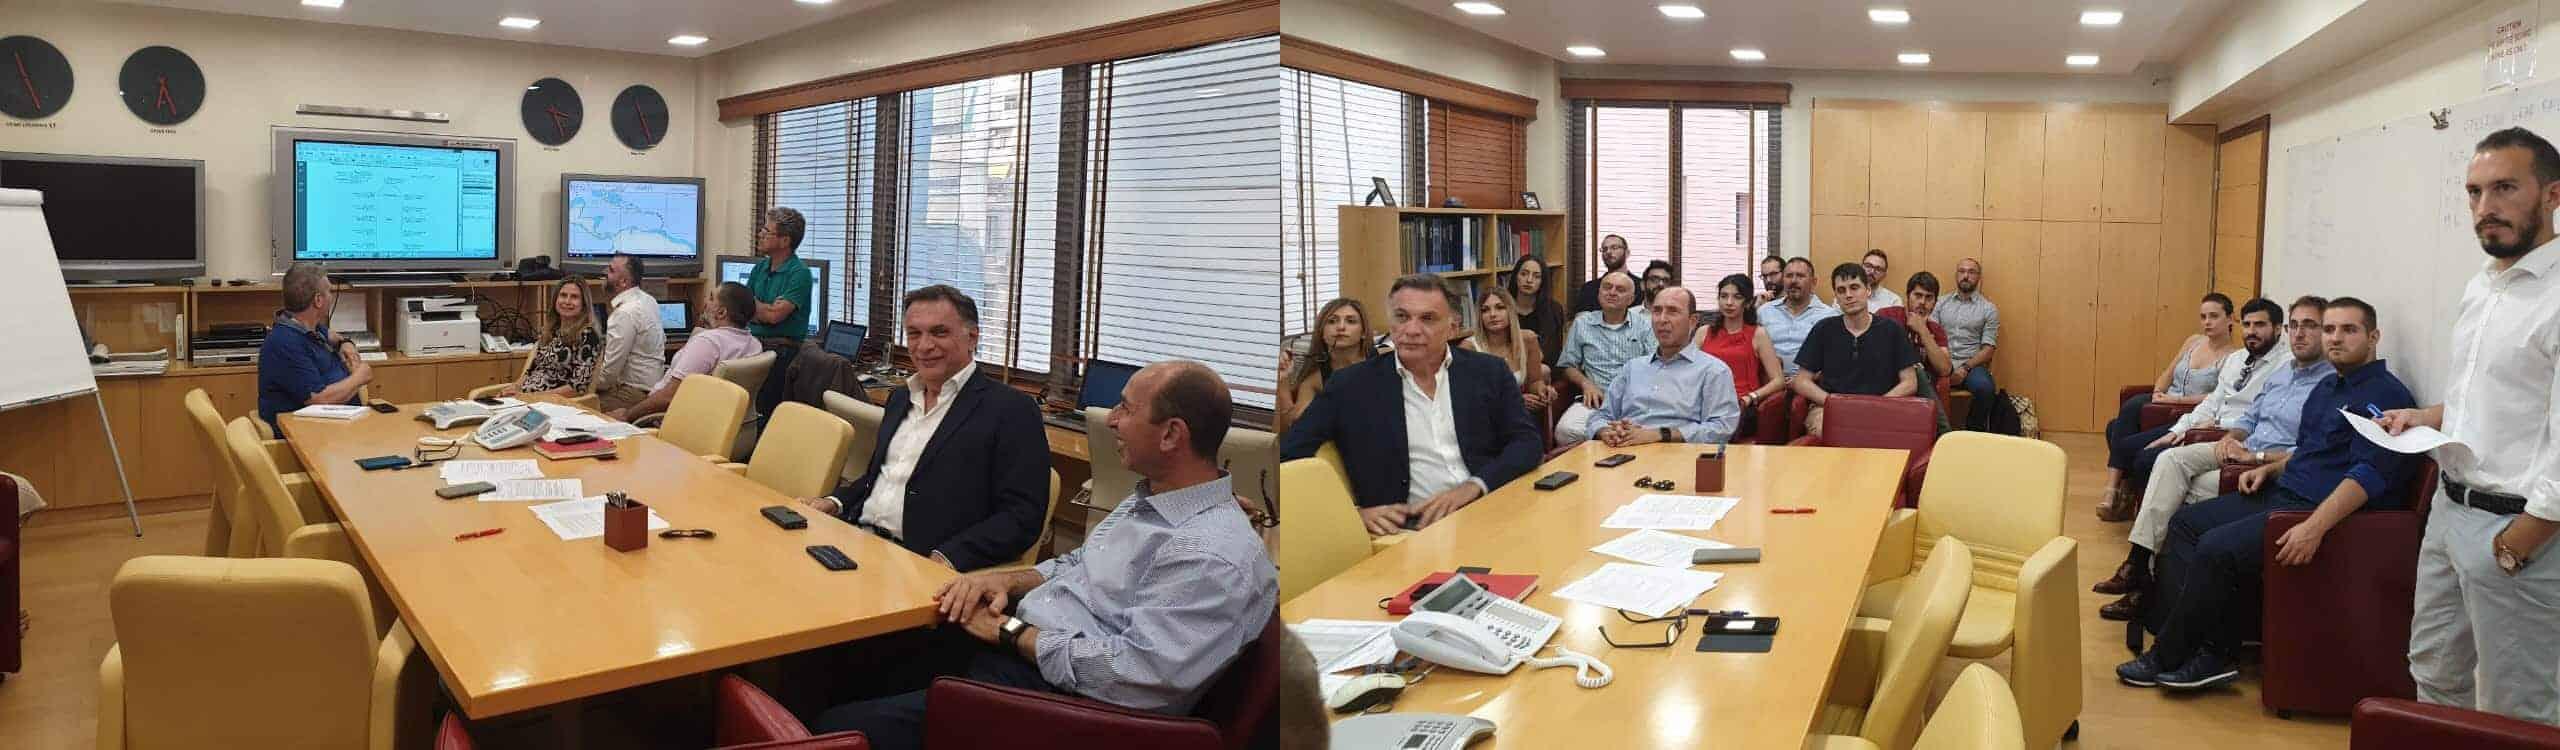 Επίσκεψη στην εταιρεία Capital Ship Management Corp.